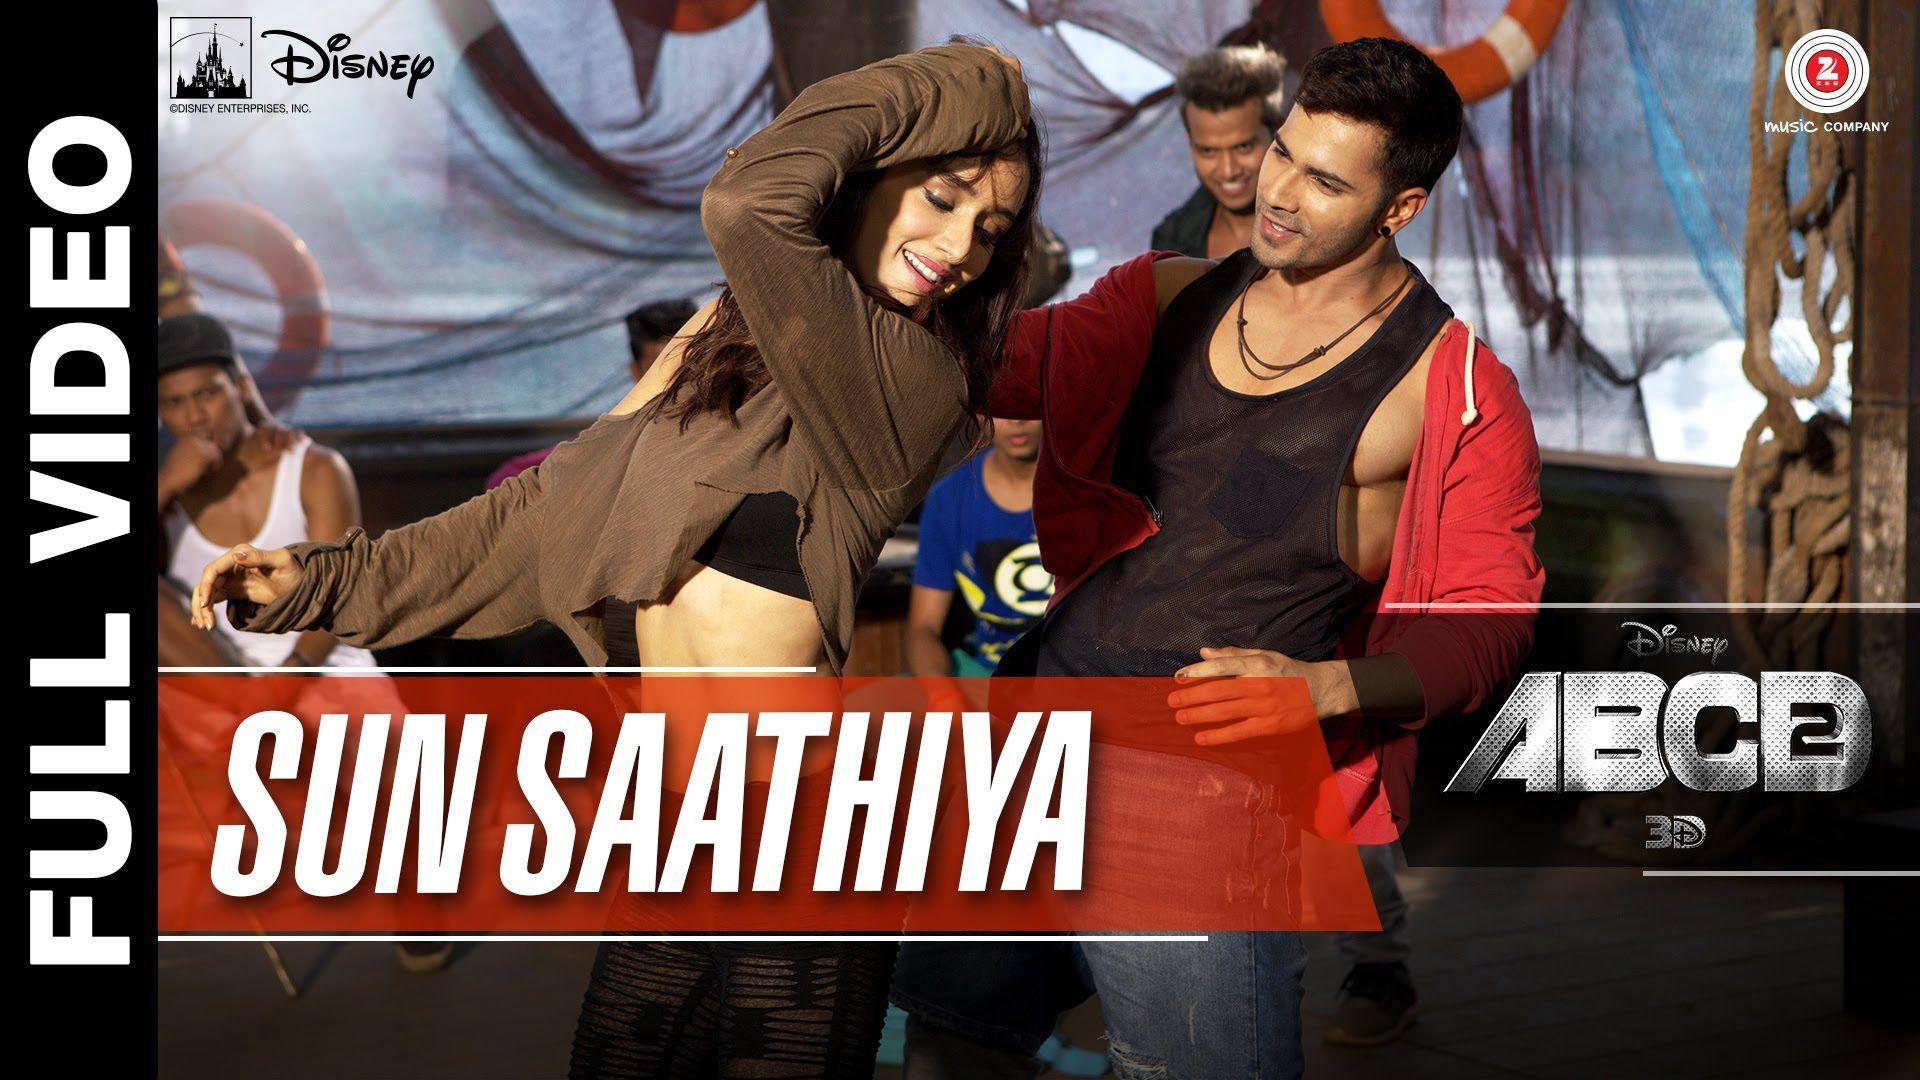 Sun Saathiya Full Video Disney S Abcd 2 Varun Dhawan Shraddha Kapoor Sachin Jigar Love Song Youtube Bollywood Music Videos Love Songs Bollywood Songs